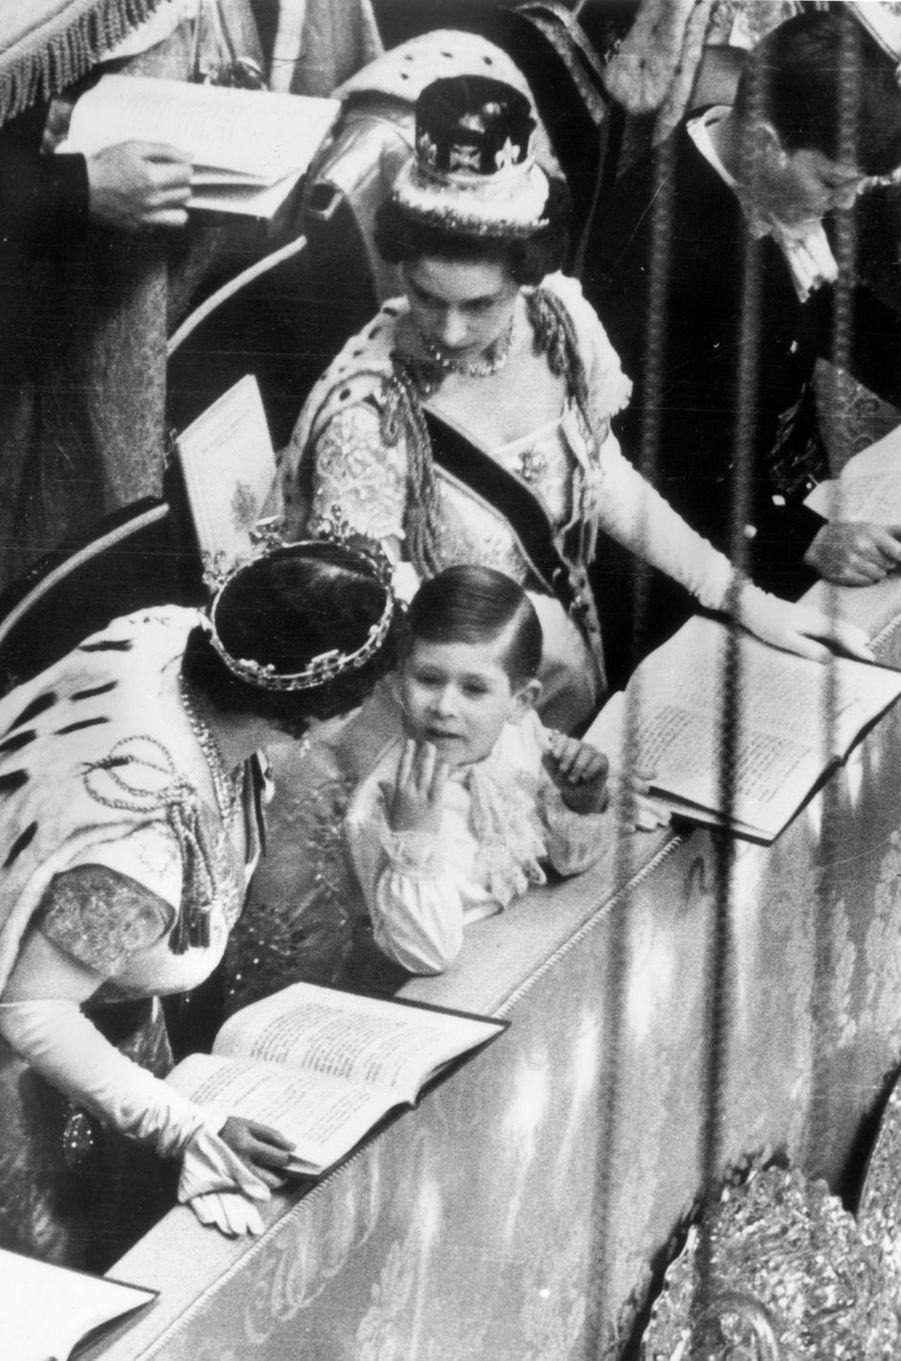 Le prince Charles avec sa grand-mère la reine mère Elizabeth et sa tante la princesse Margaret, le 2 juin 1953